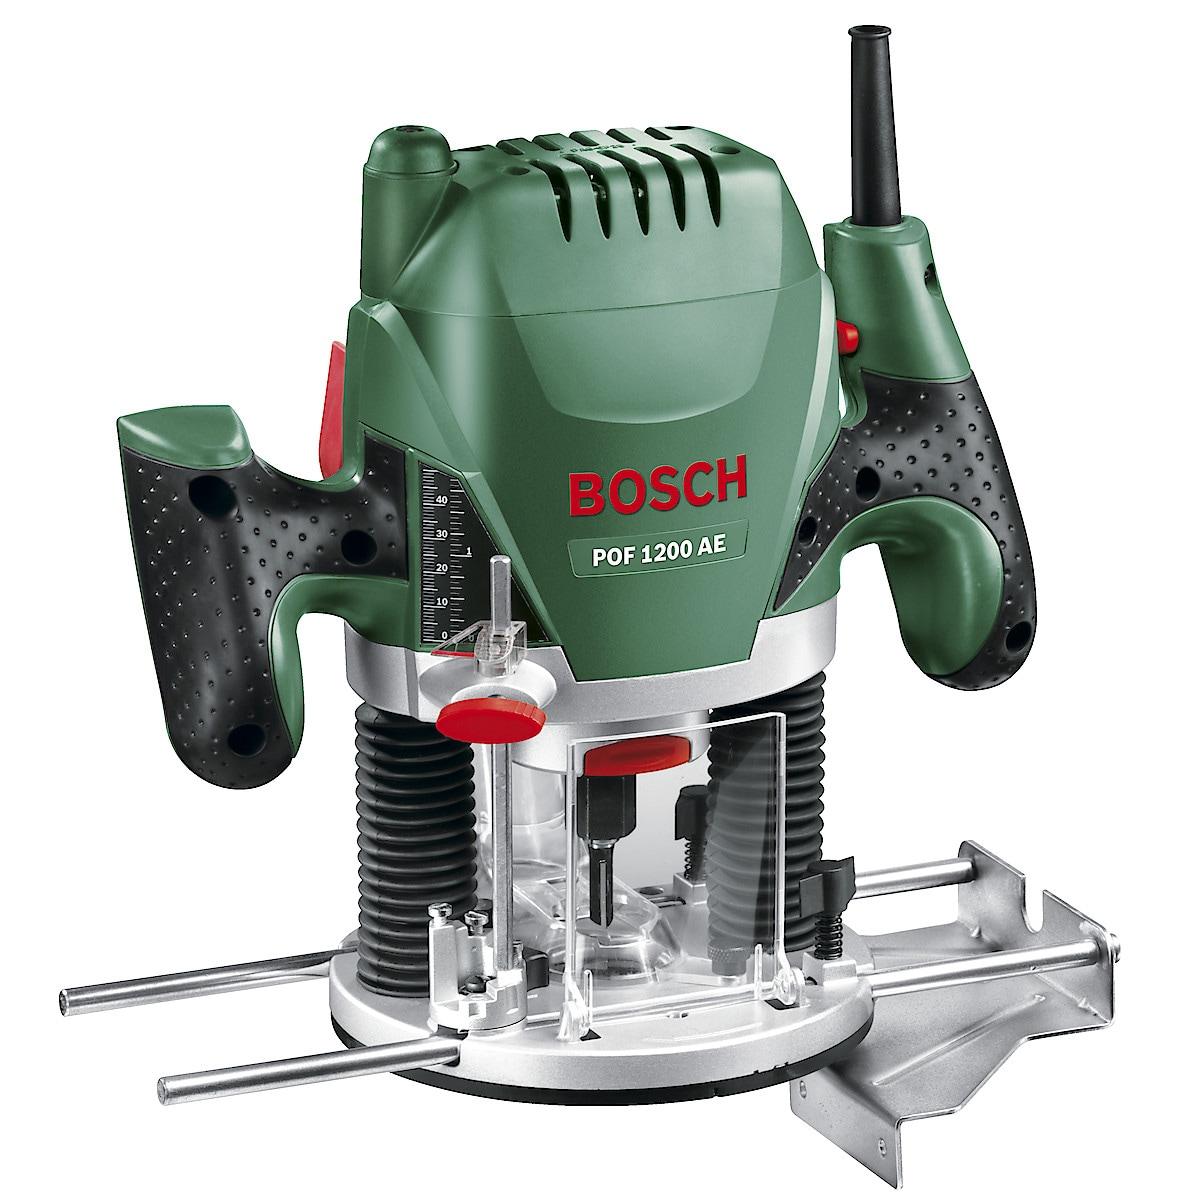 Käsiyläjyrsin Bosch POF 1200 AE